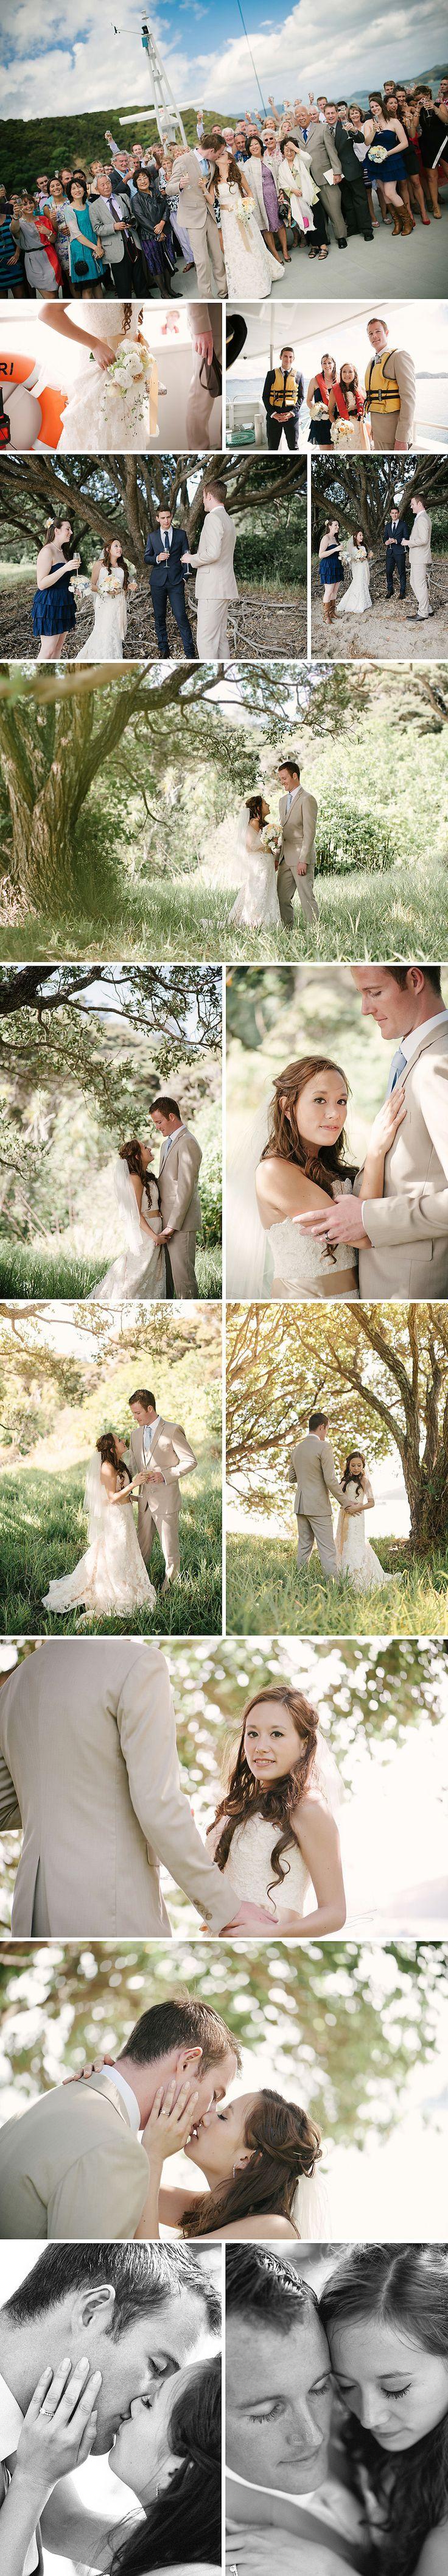 Northland NZ wedding on the Ipiriri